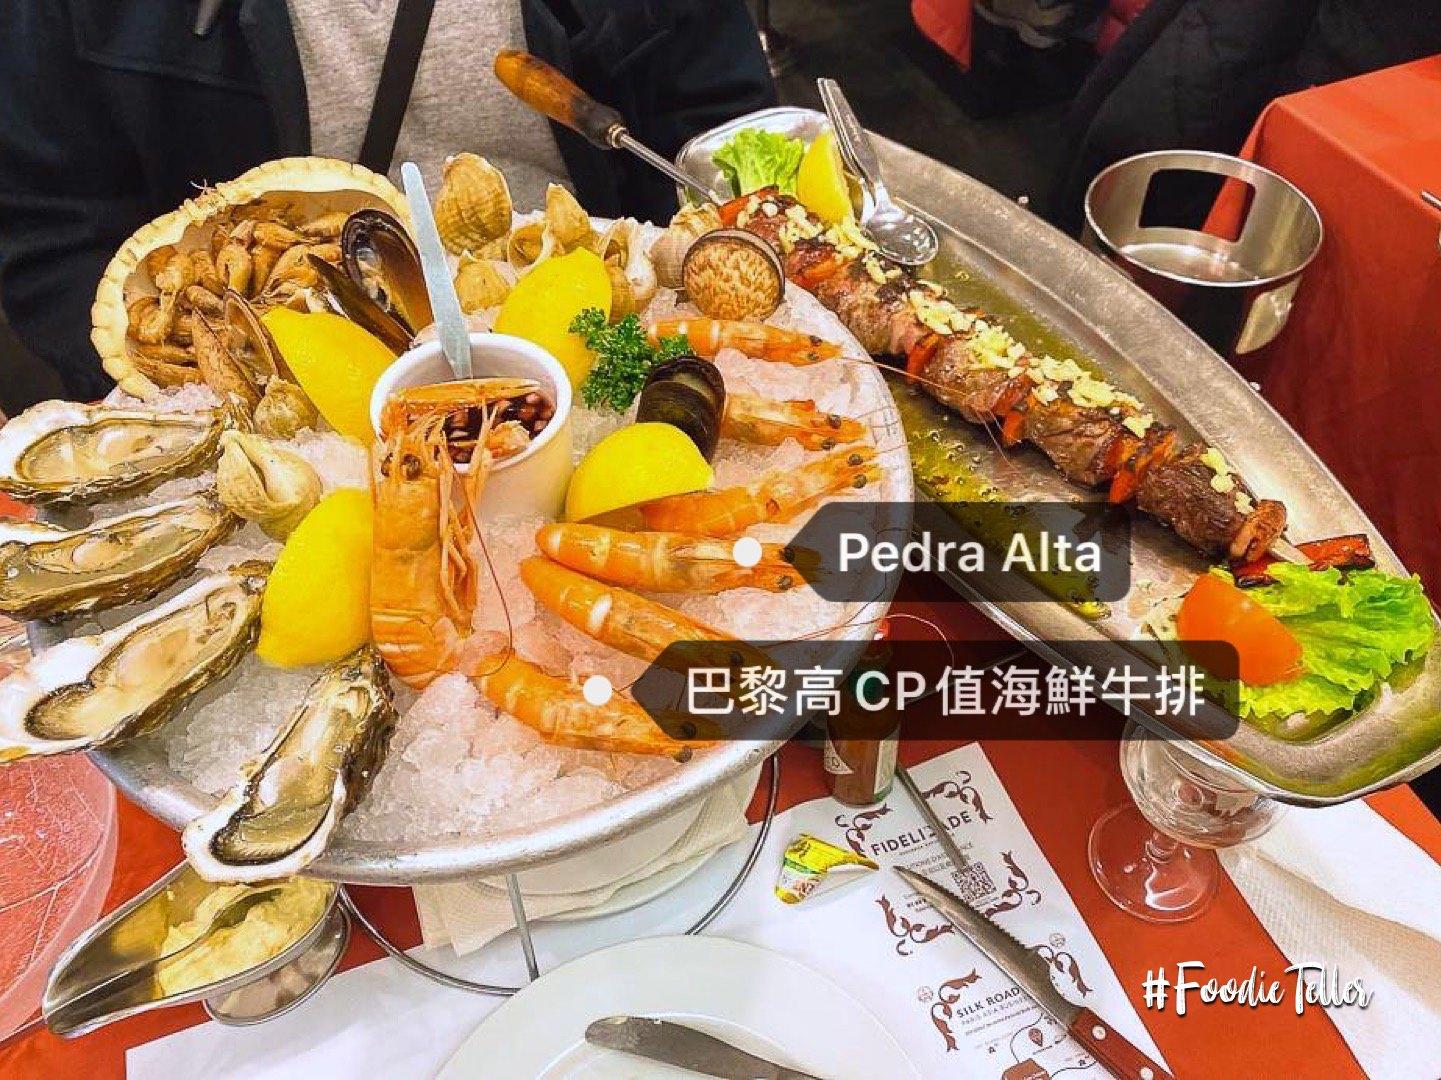 法國巴黎海鮮牛排餐廳|Pedra Alta 高CP值香榭麗舍大道餐廳推薦!